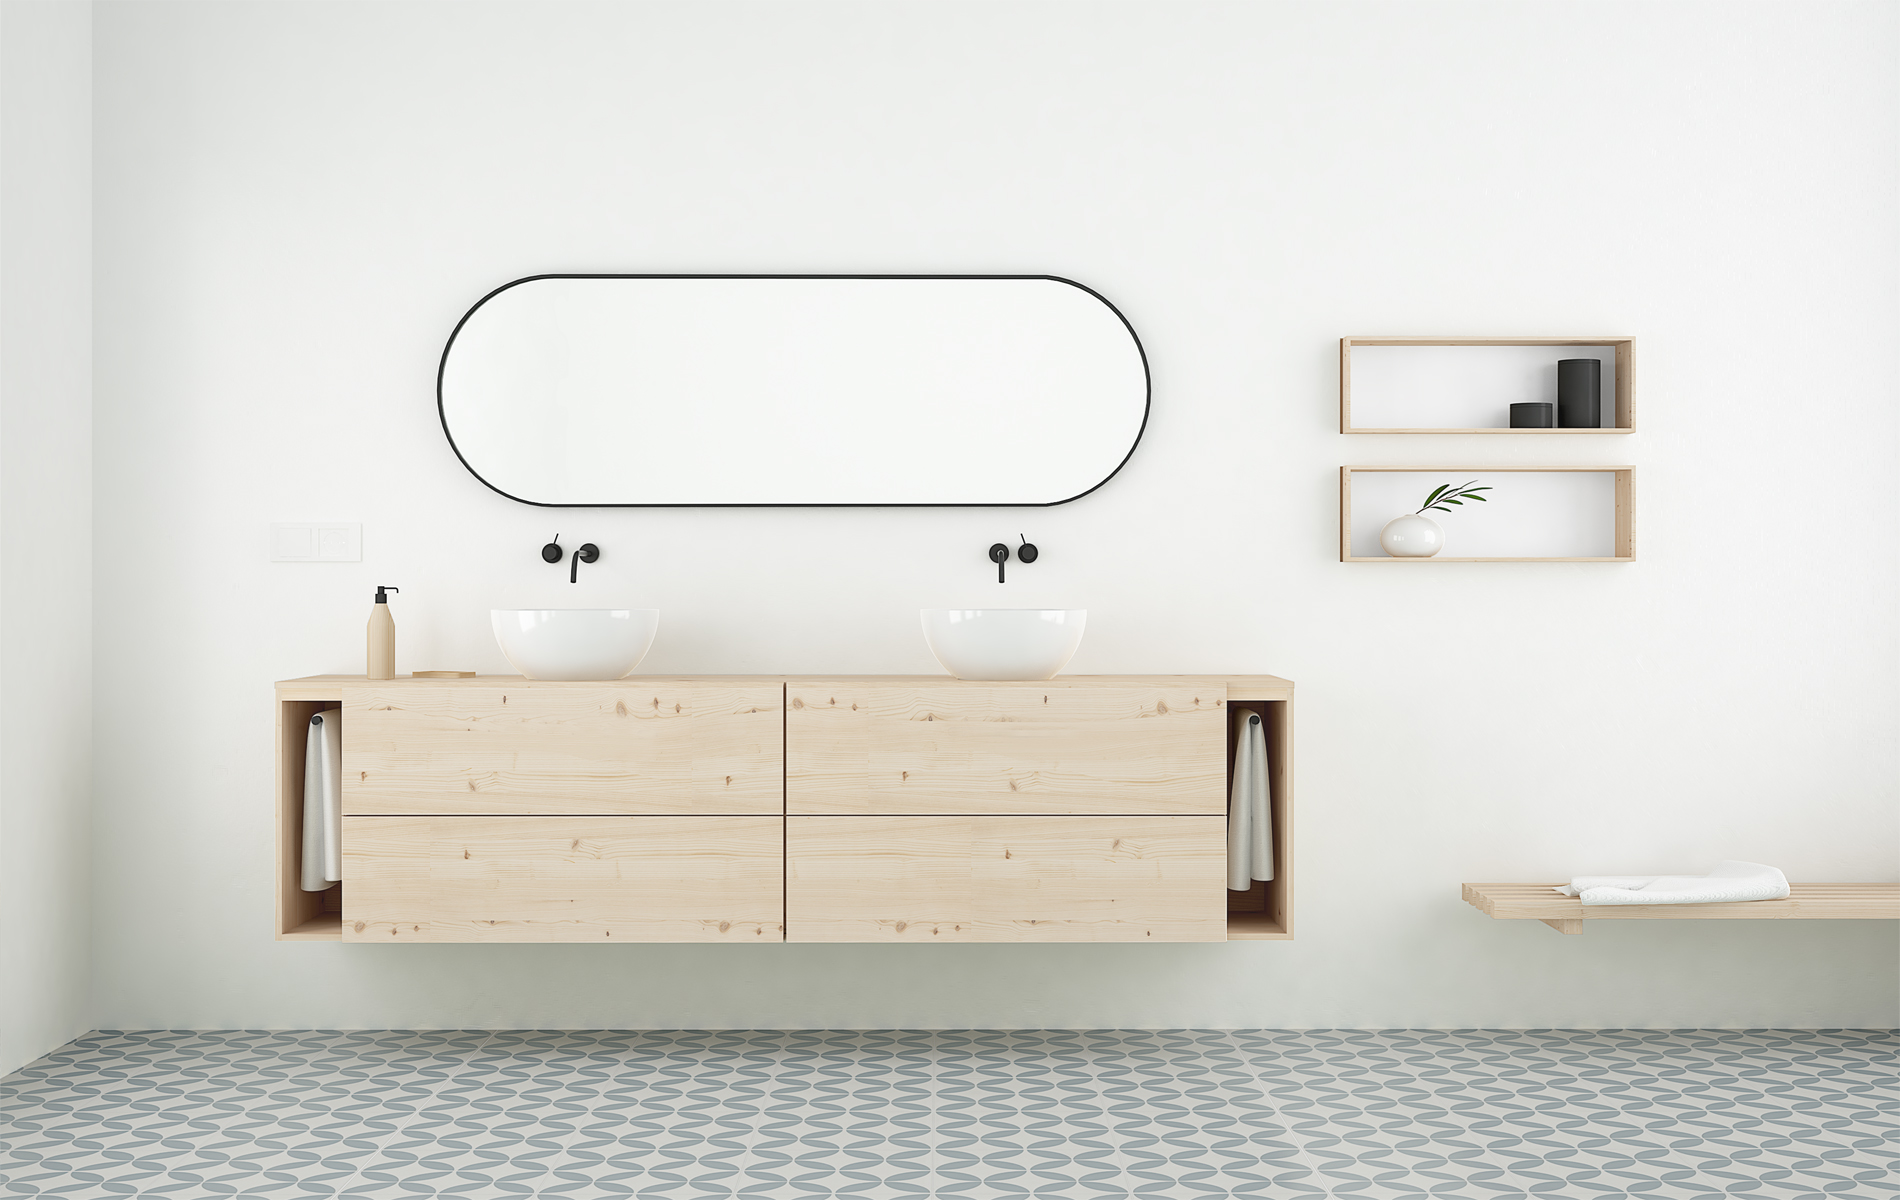 Mueble ba o madera natural maciza dise o n rdico for Muebles de bano de madera maciza natural